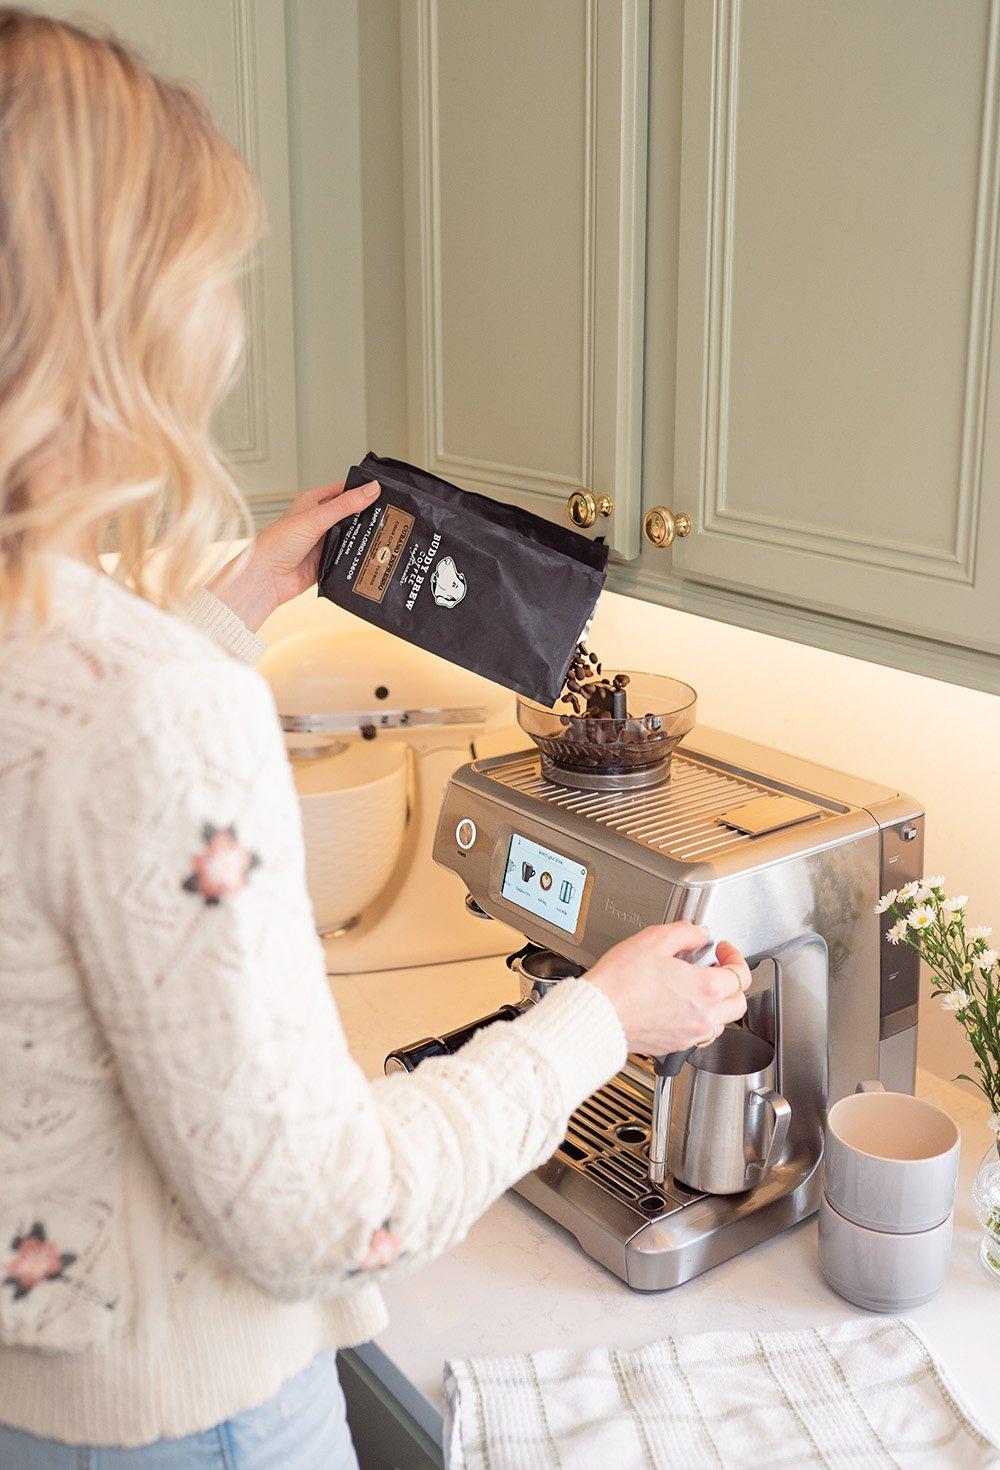 Breville Barista Touch Espresso Machine Review